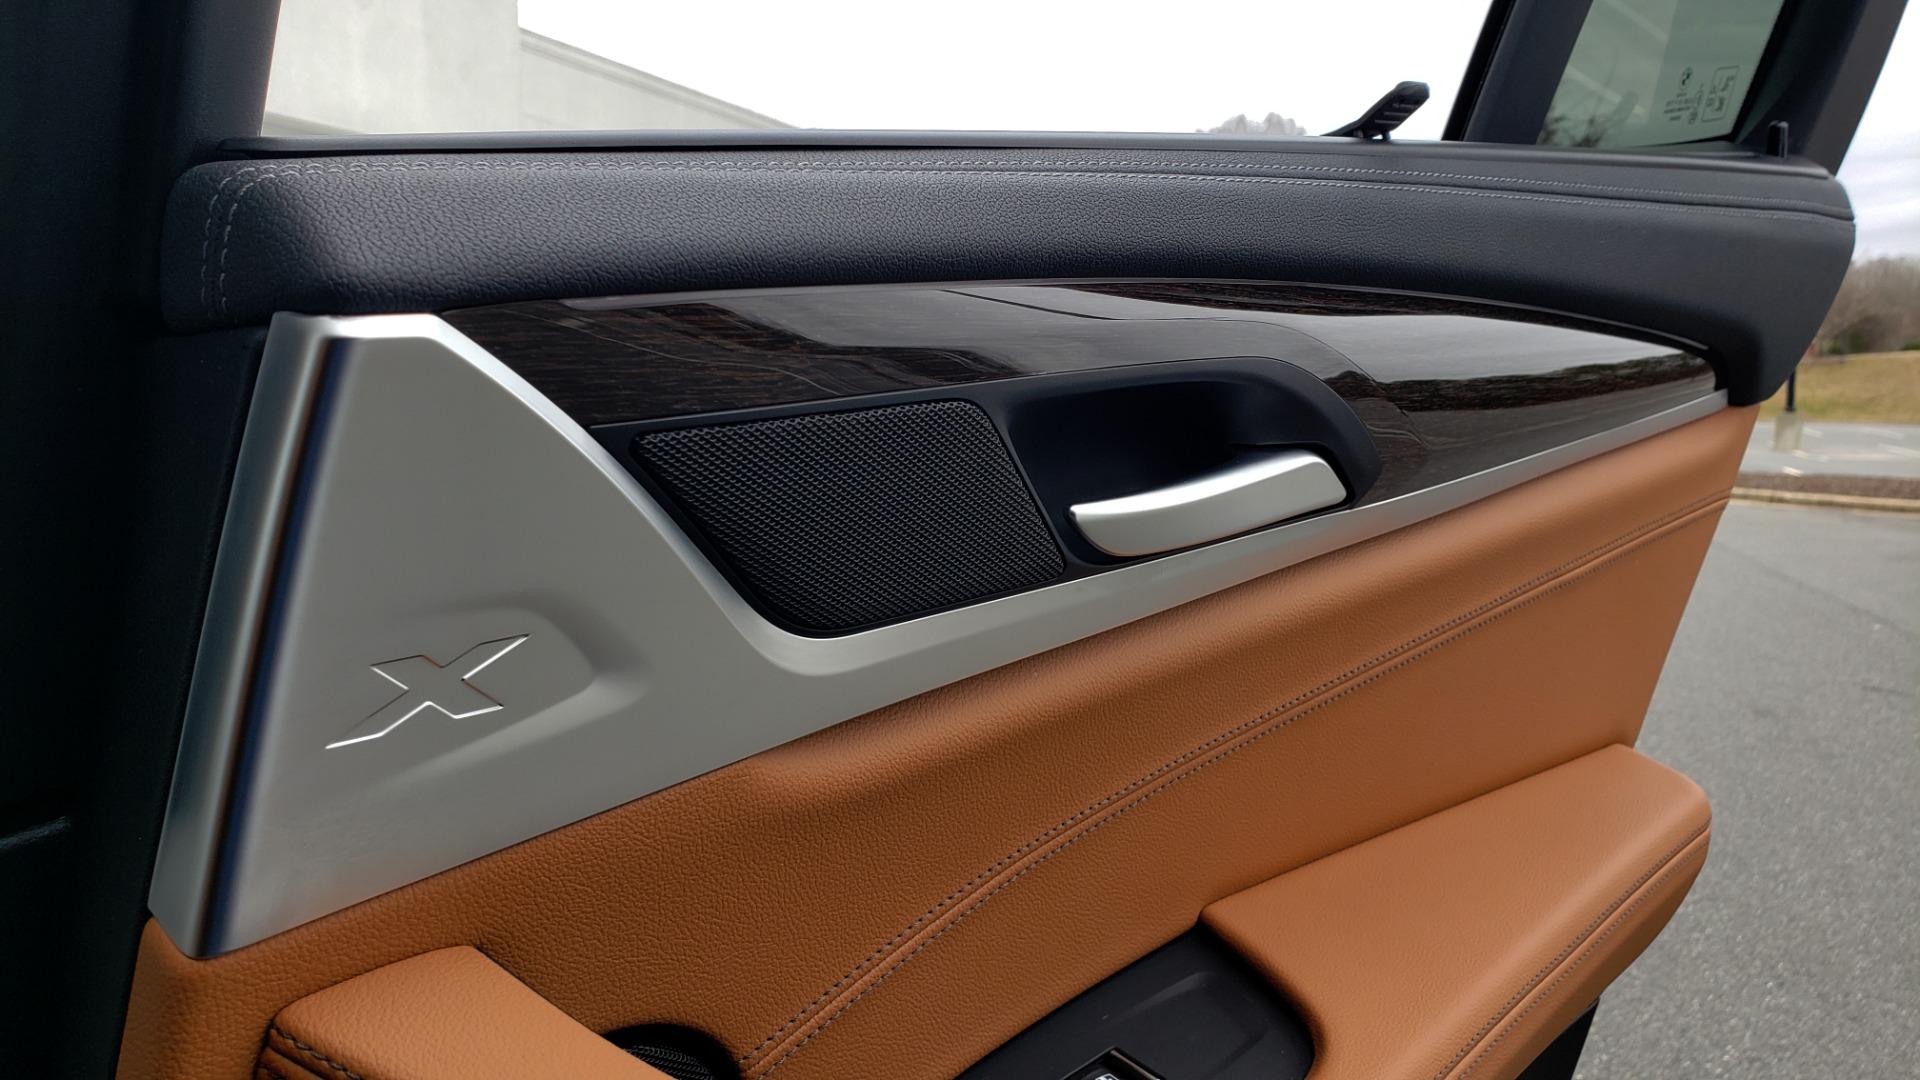 Used 2018 BMW X3 XDRIVE30I / LUX PKG / PREM PKG / CONV PKG / PDC / APPLE CARPLAY for sale Sold at Formula Imports in Charlotte NC 28227 78